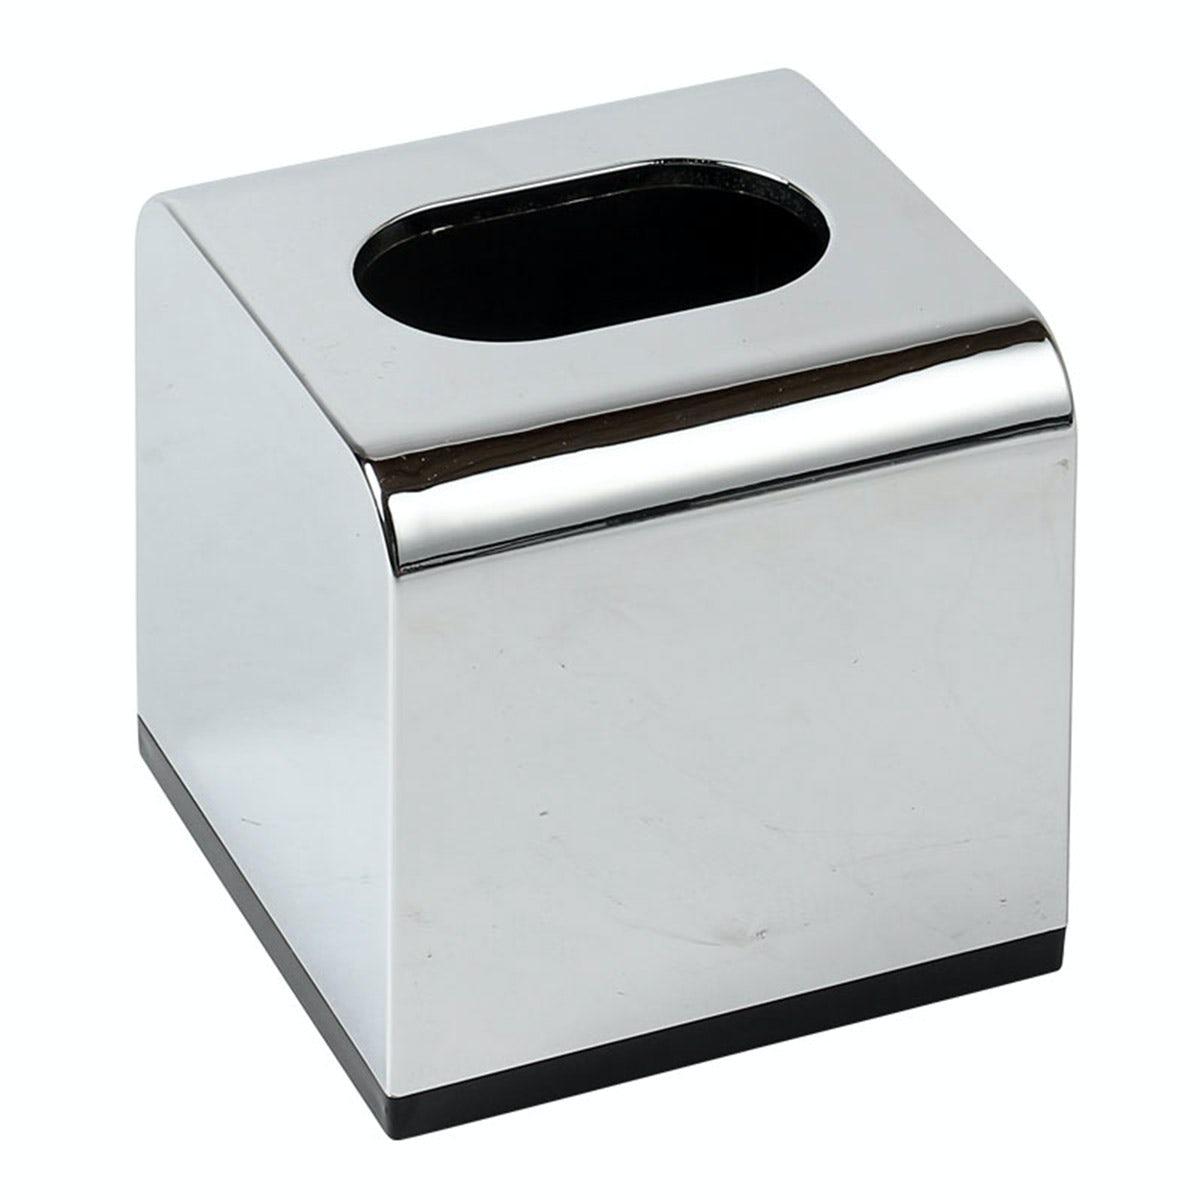 Showerdrape Concord square tissue box